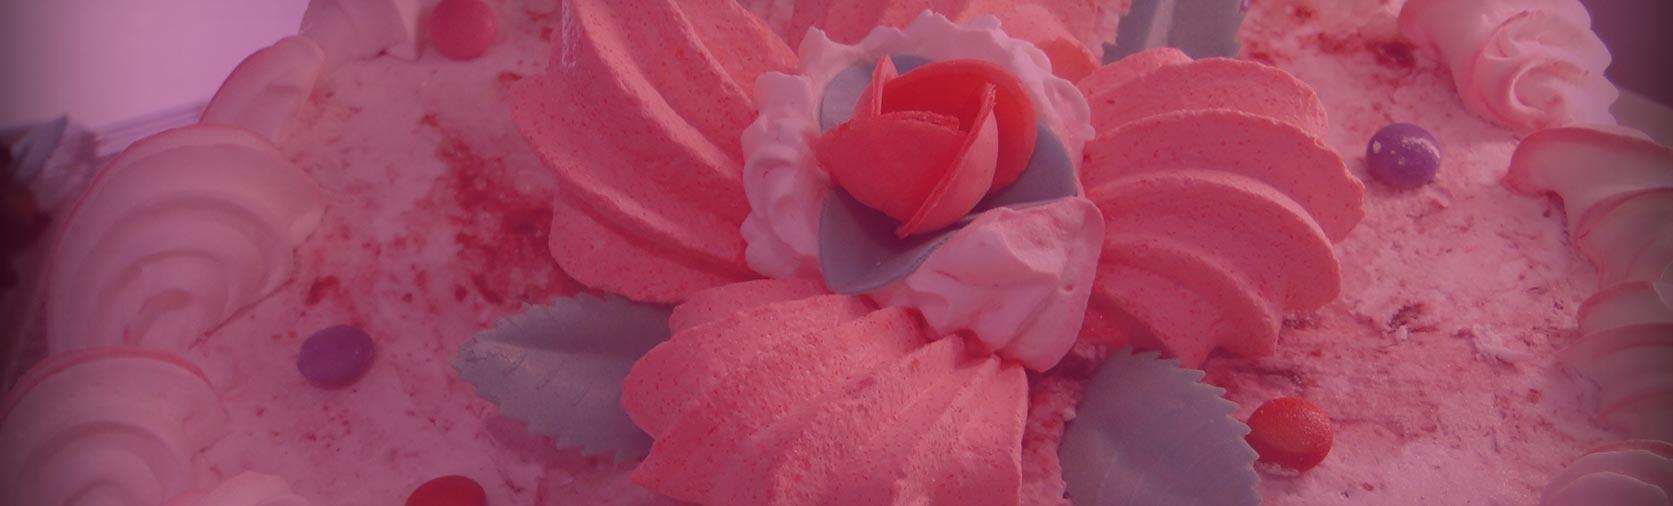 Matrimonio Tema Gelato : Matrimonio vintage con gelato catering di